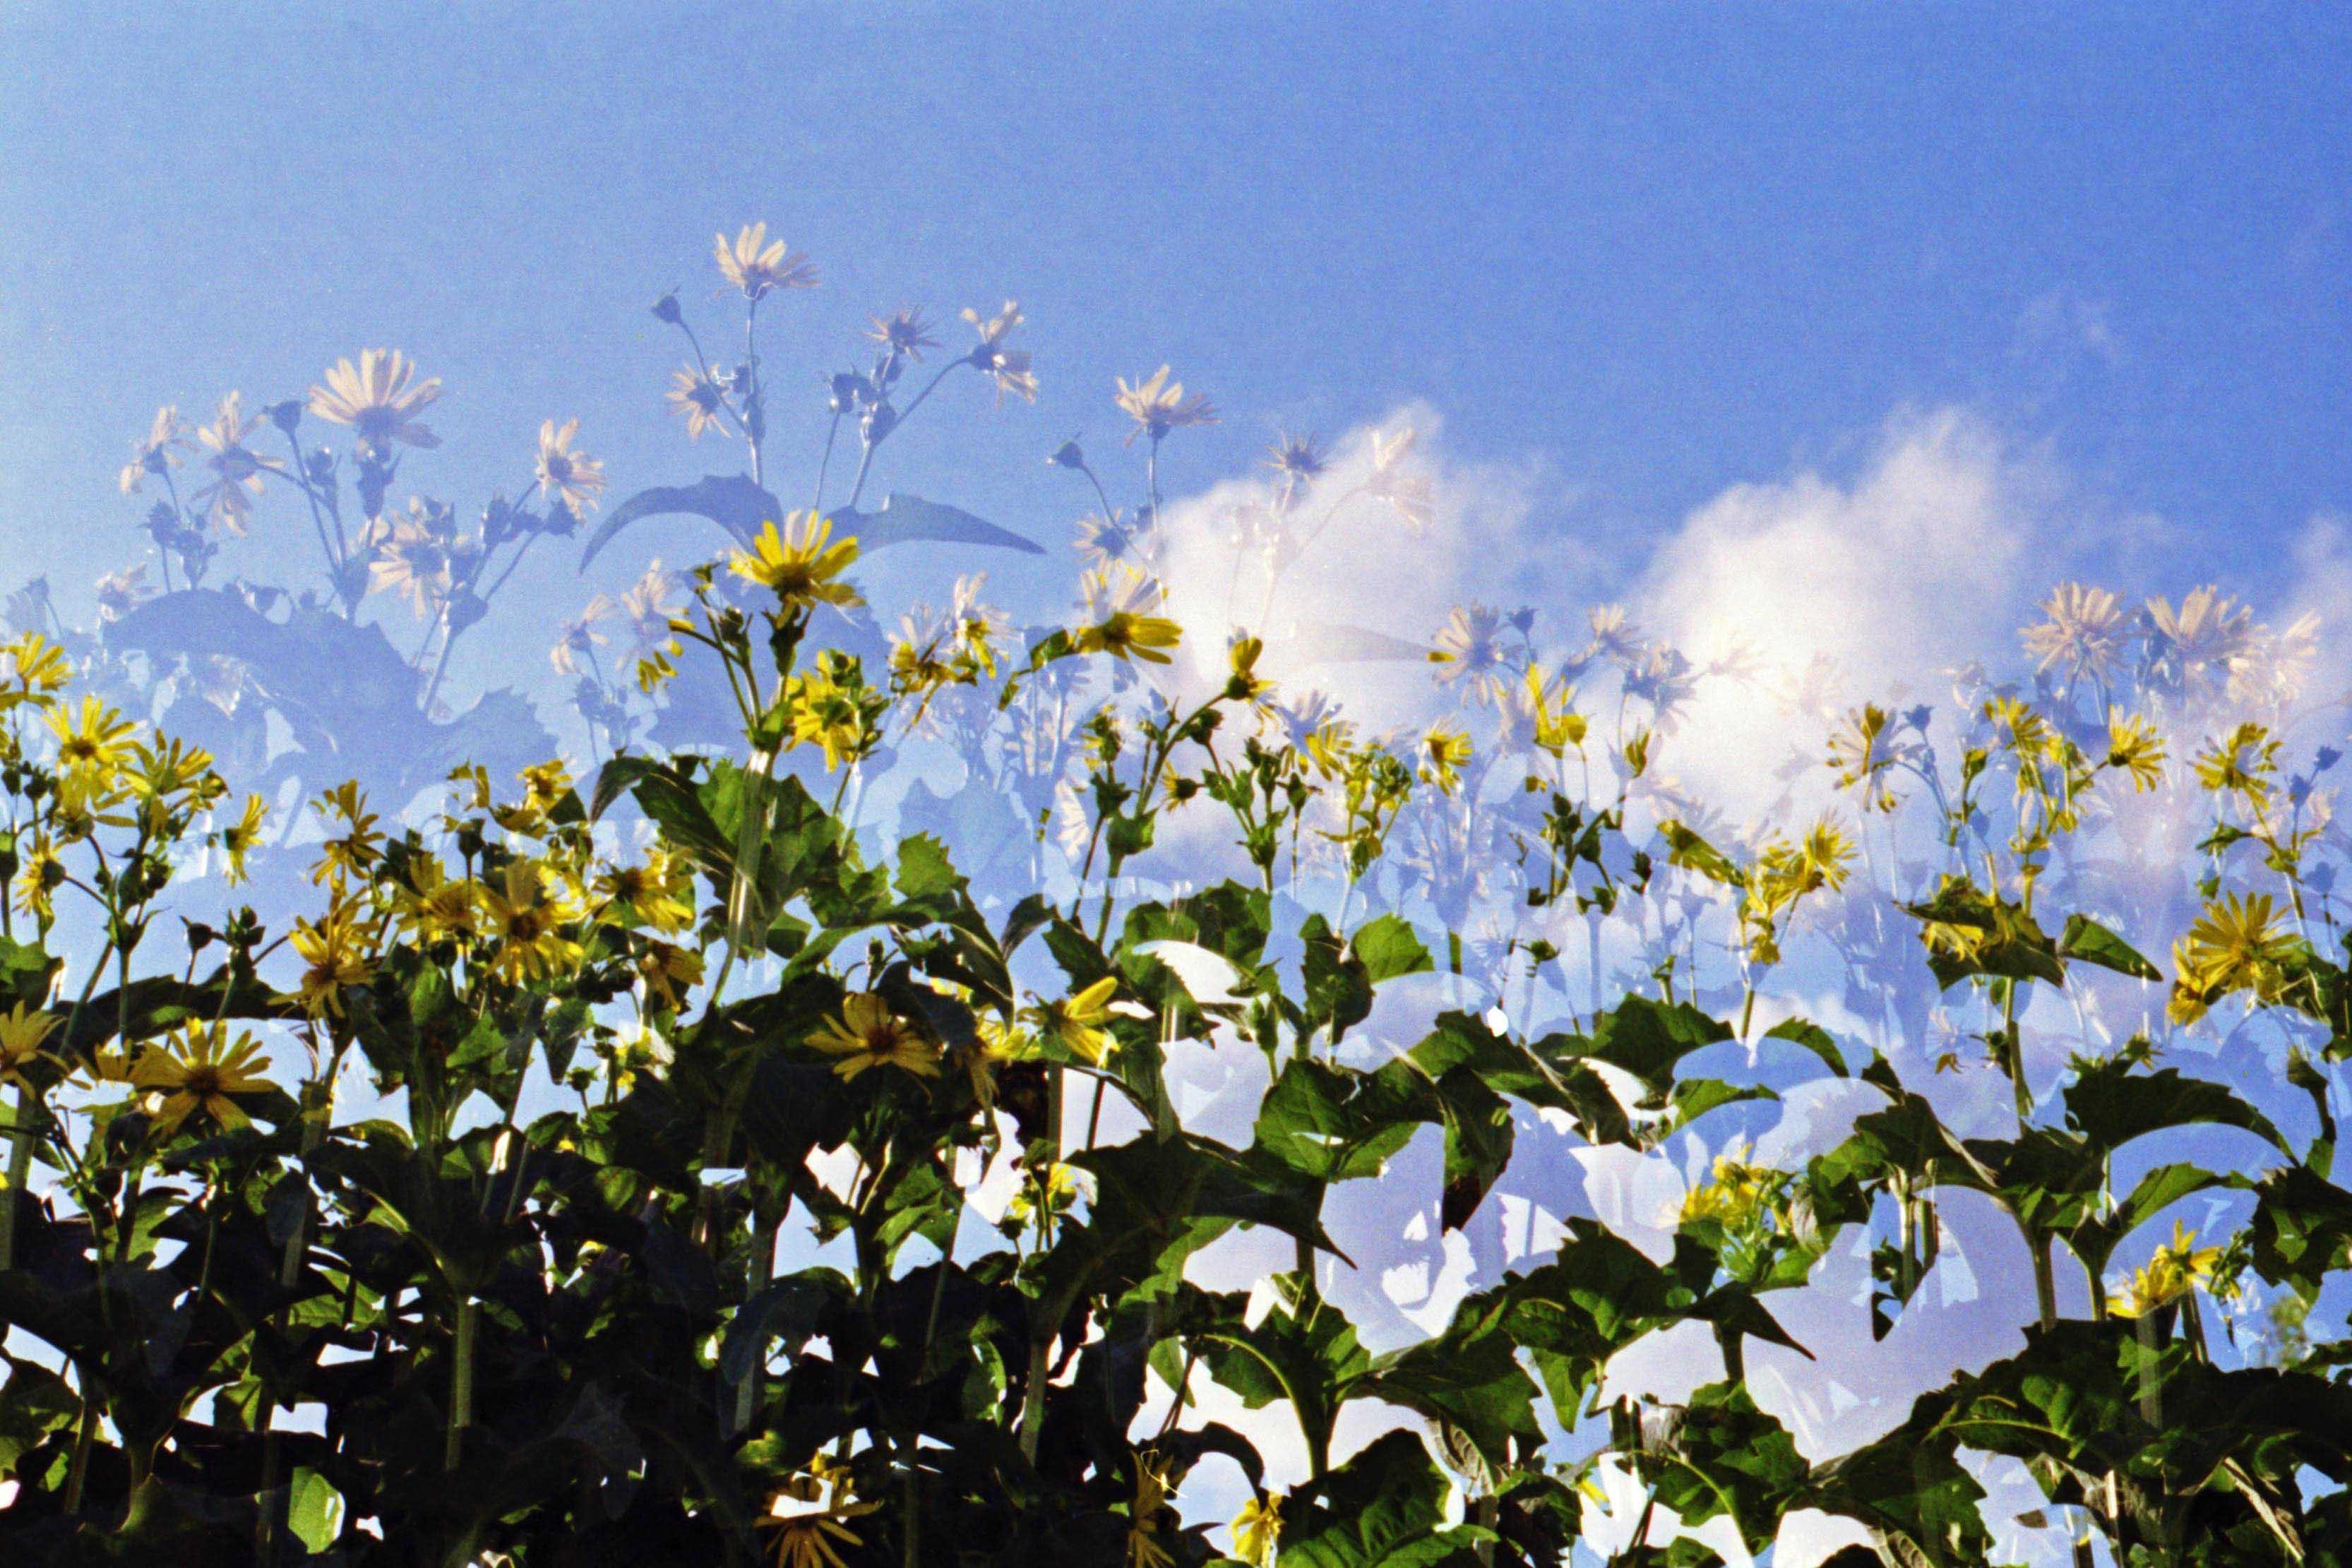 Doppelbelichtung von gelbblühenden Blumen vor blauem Himmel